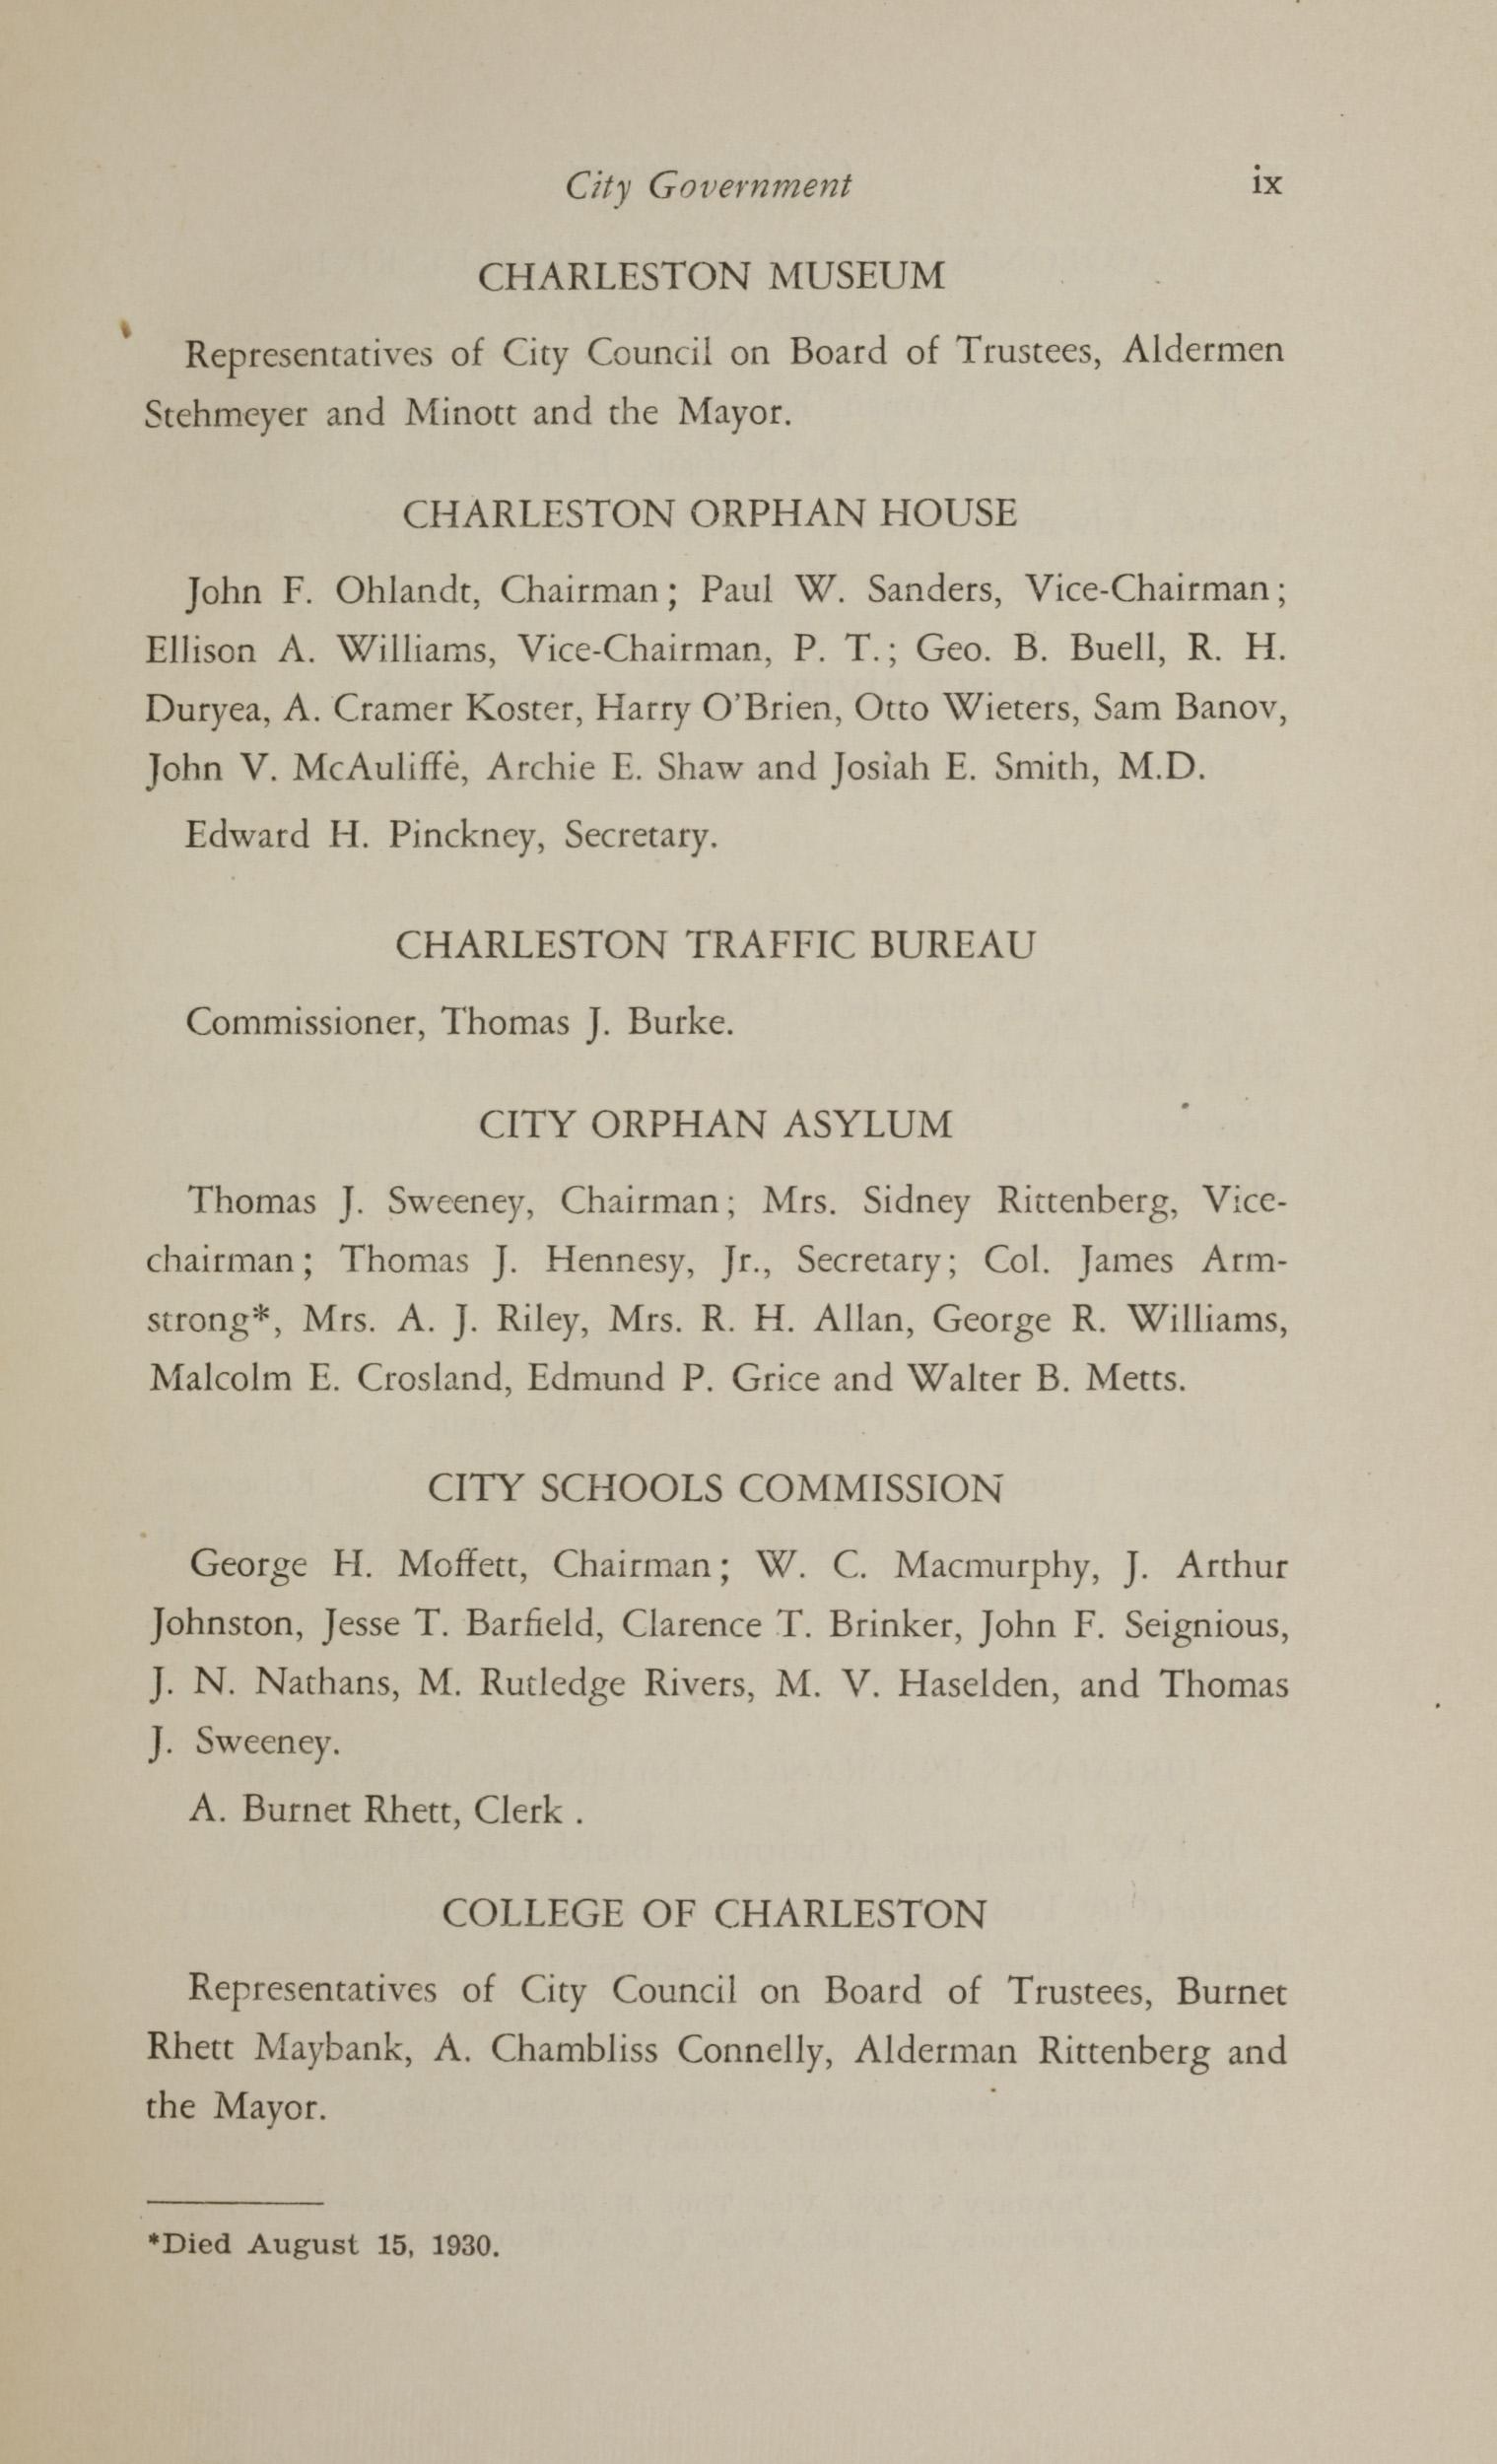 Charleston Yearbook, 1930, page ix